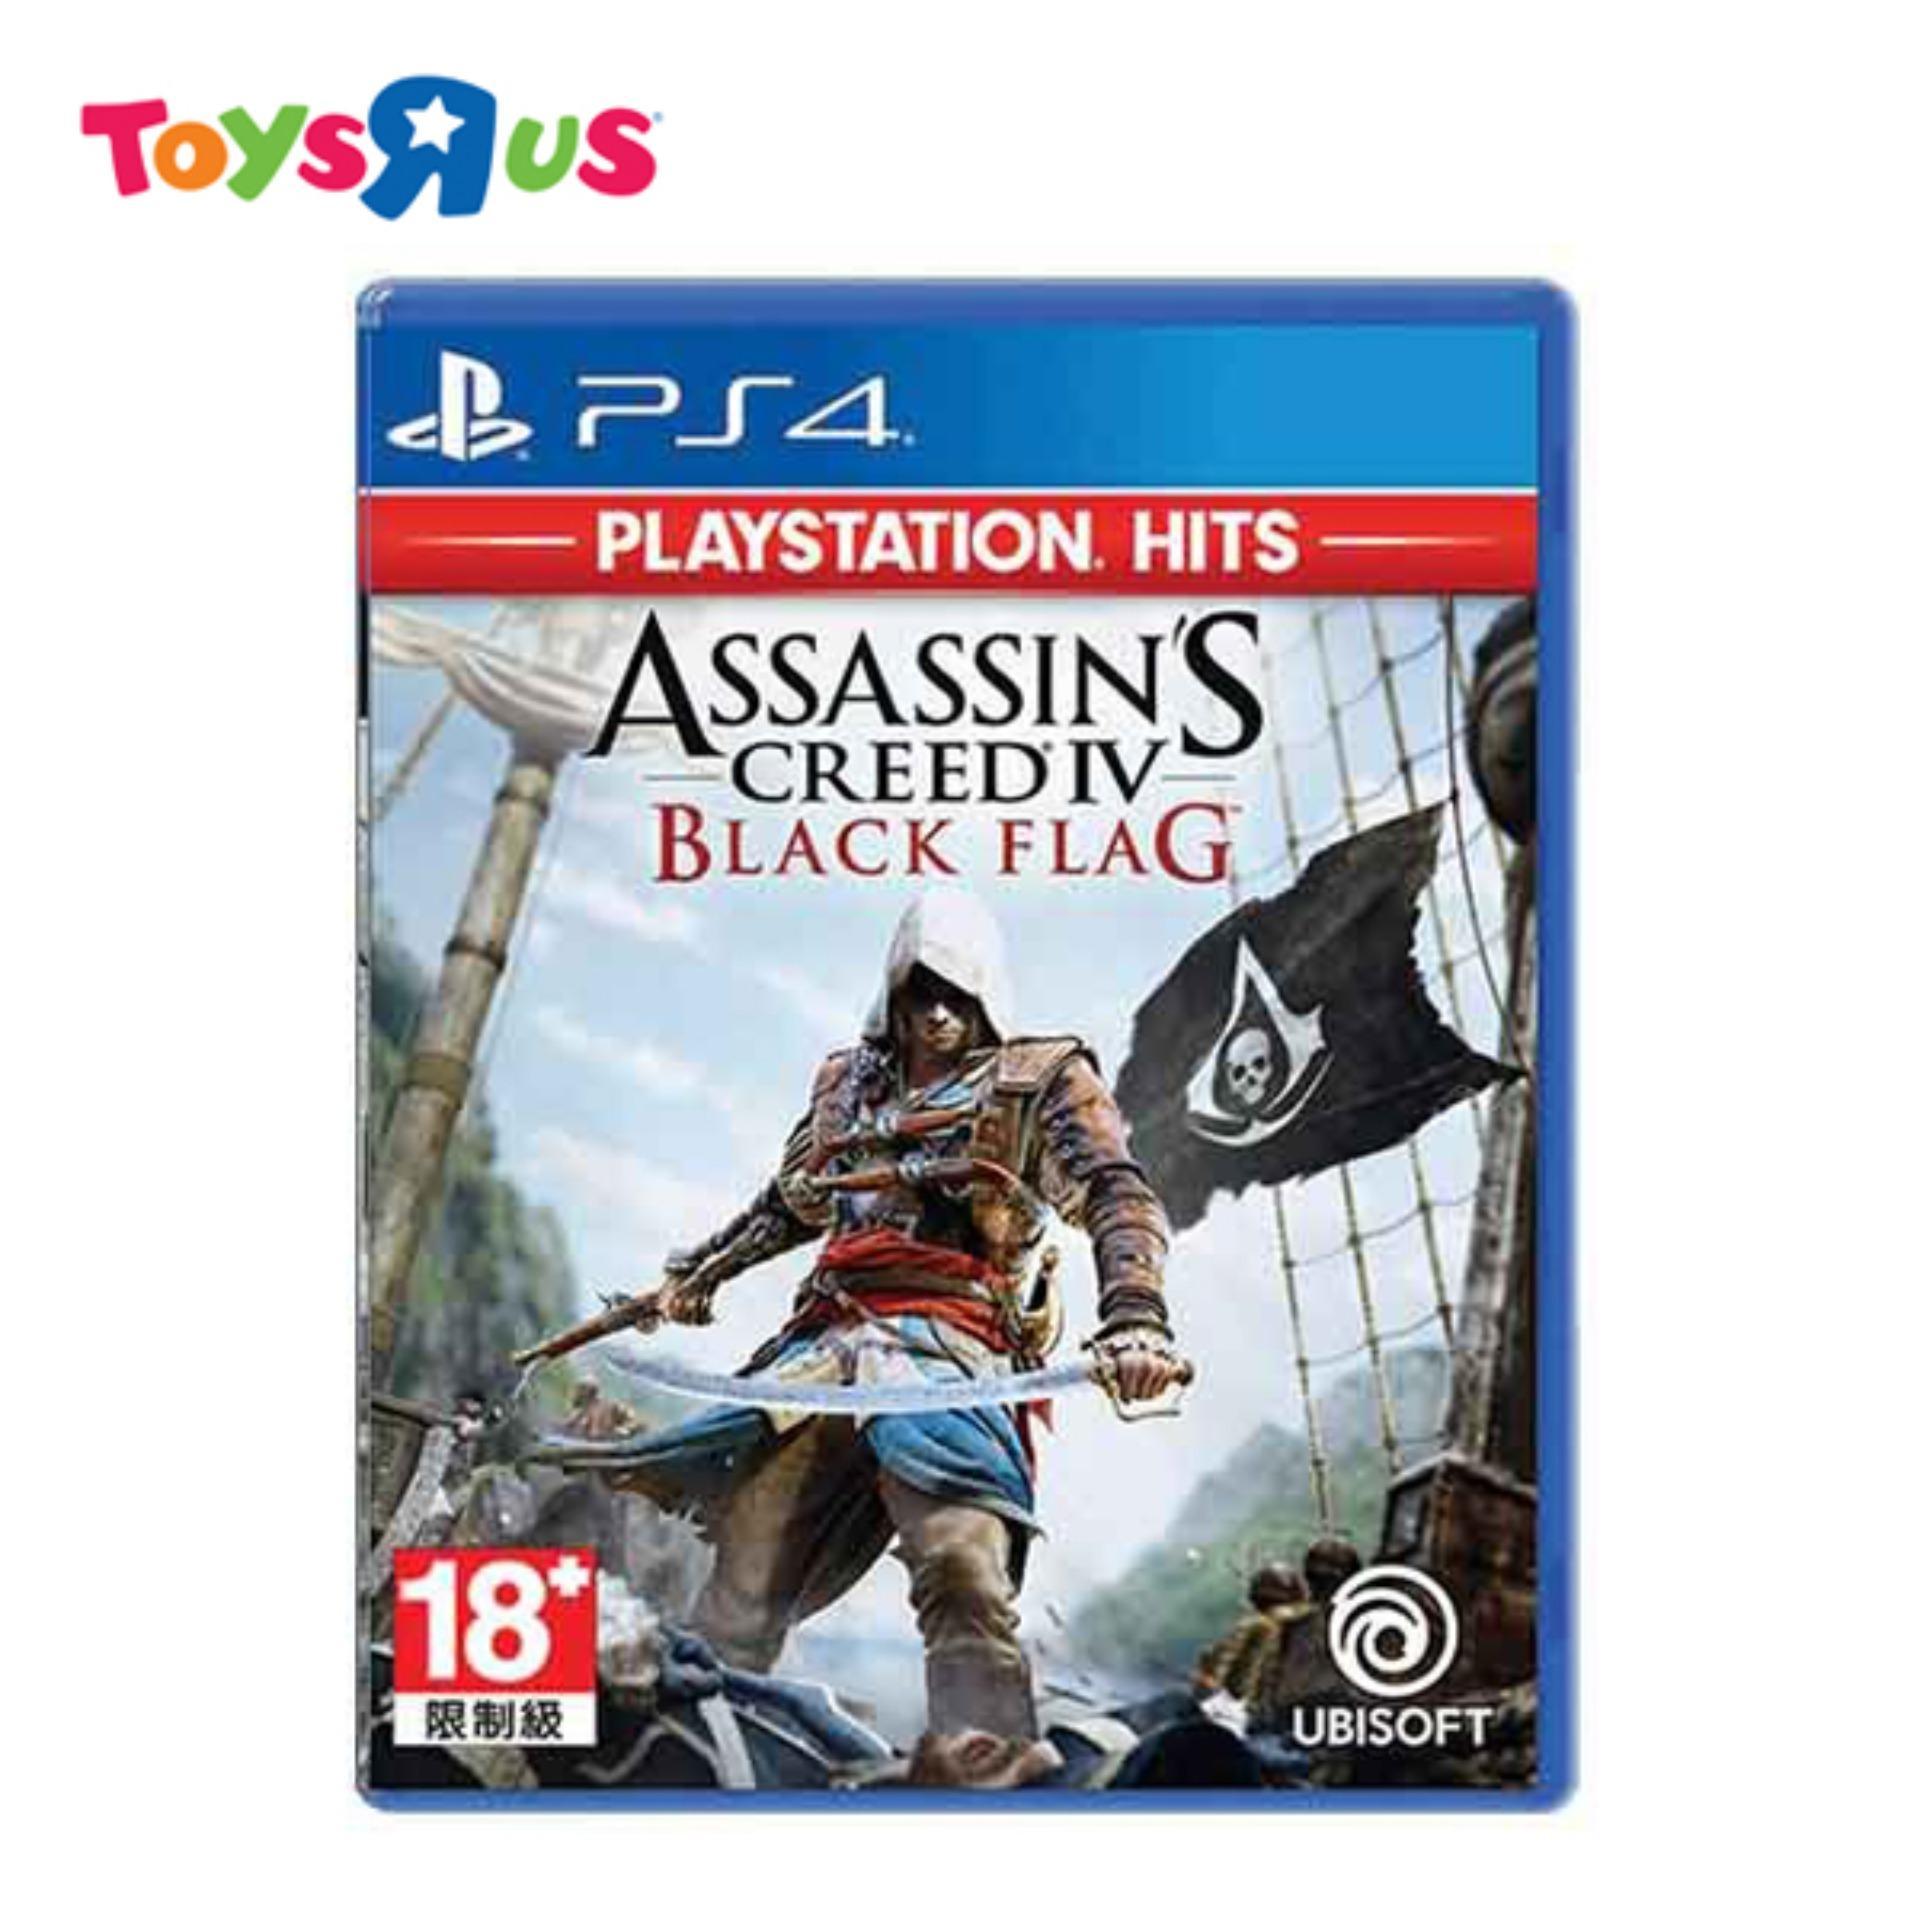 PS4 Assasin's Creed 4 Black Flag - PlayStation Hits (R3)